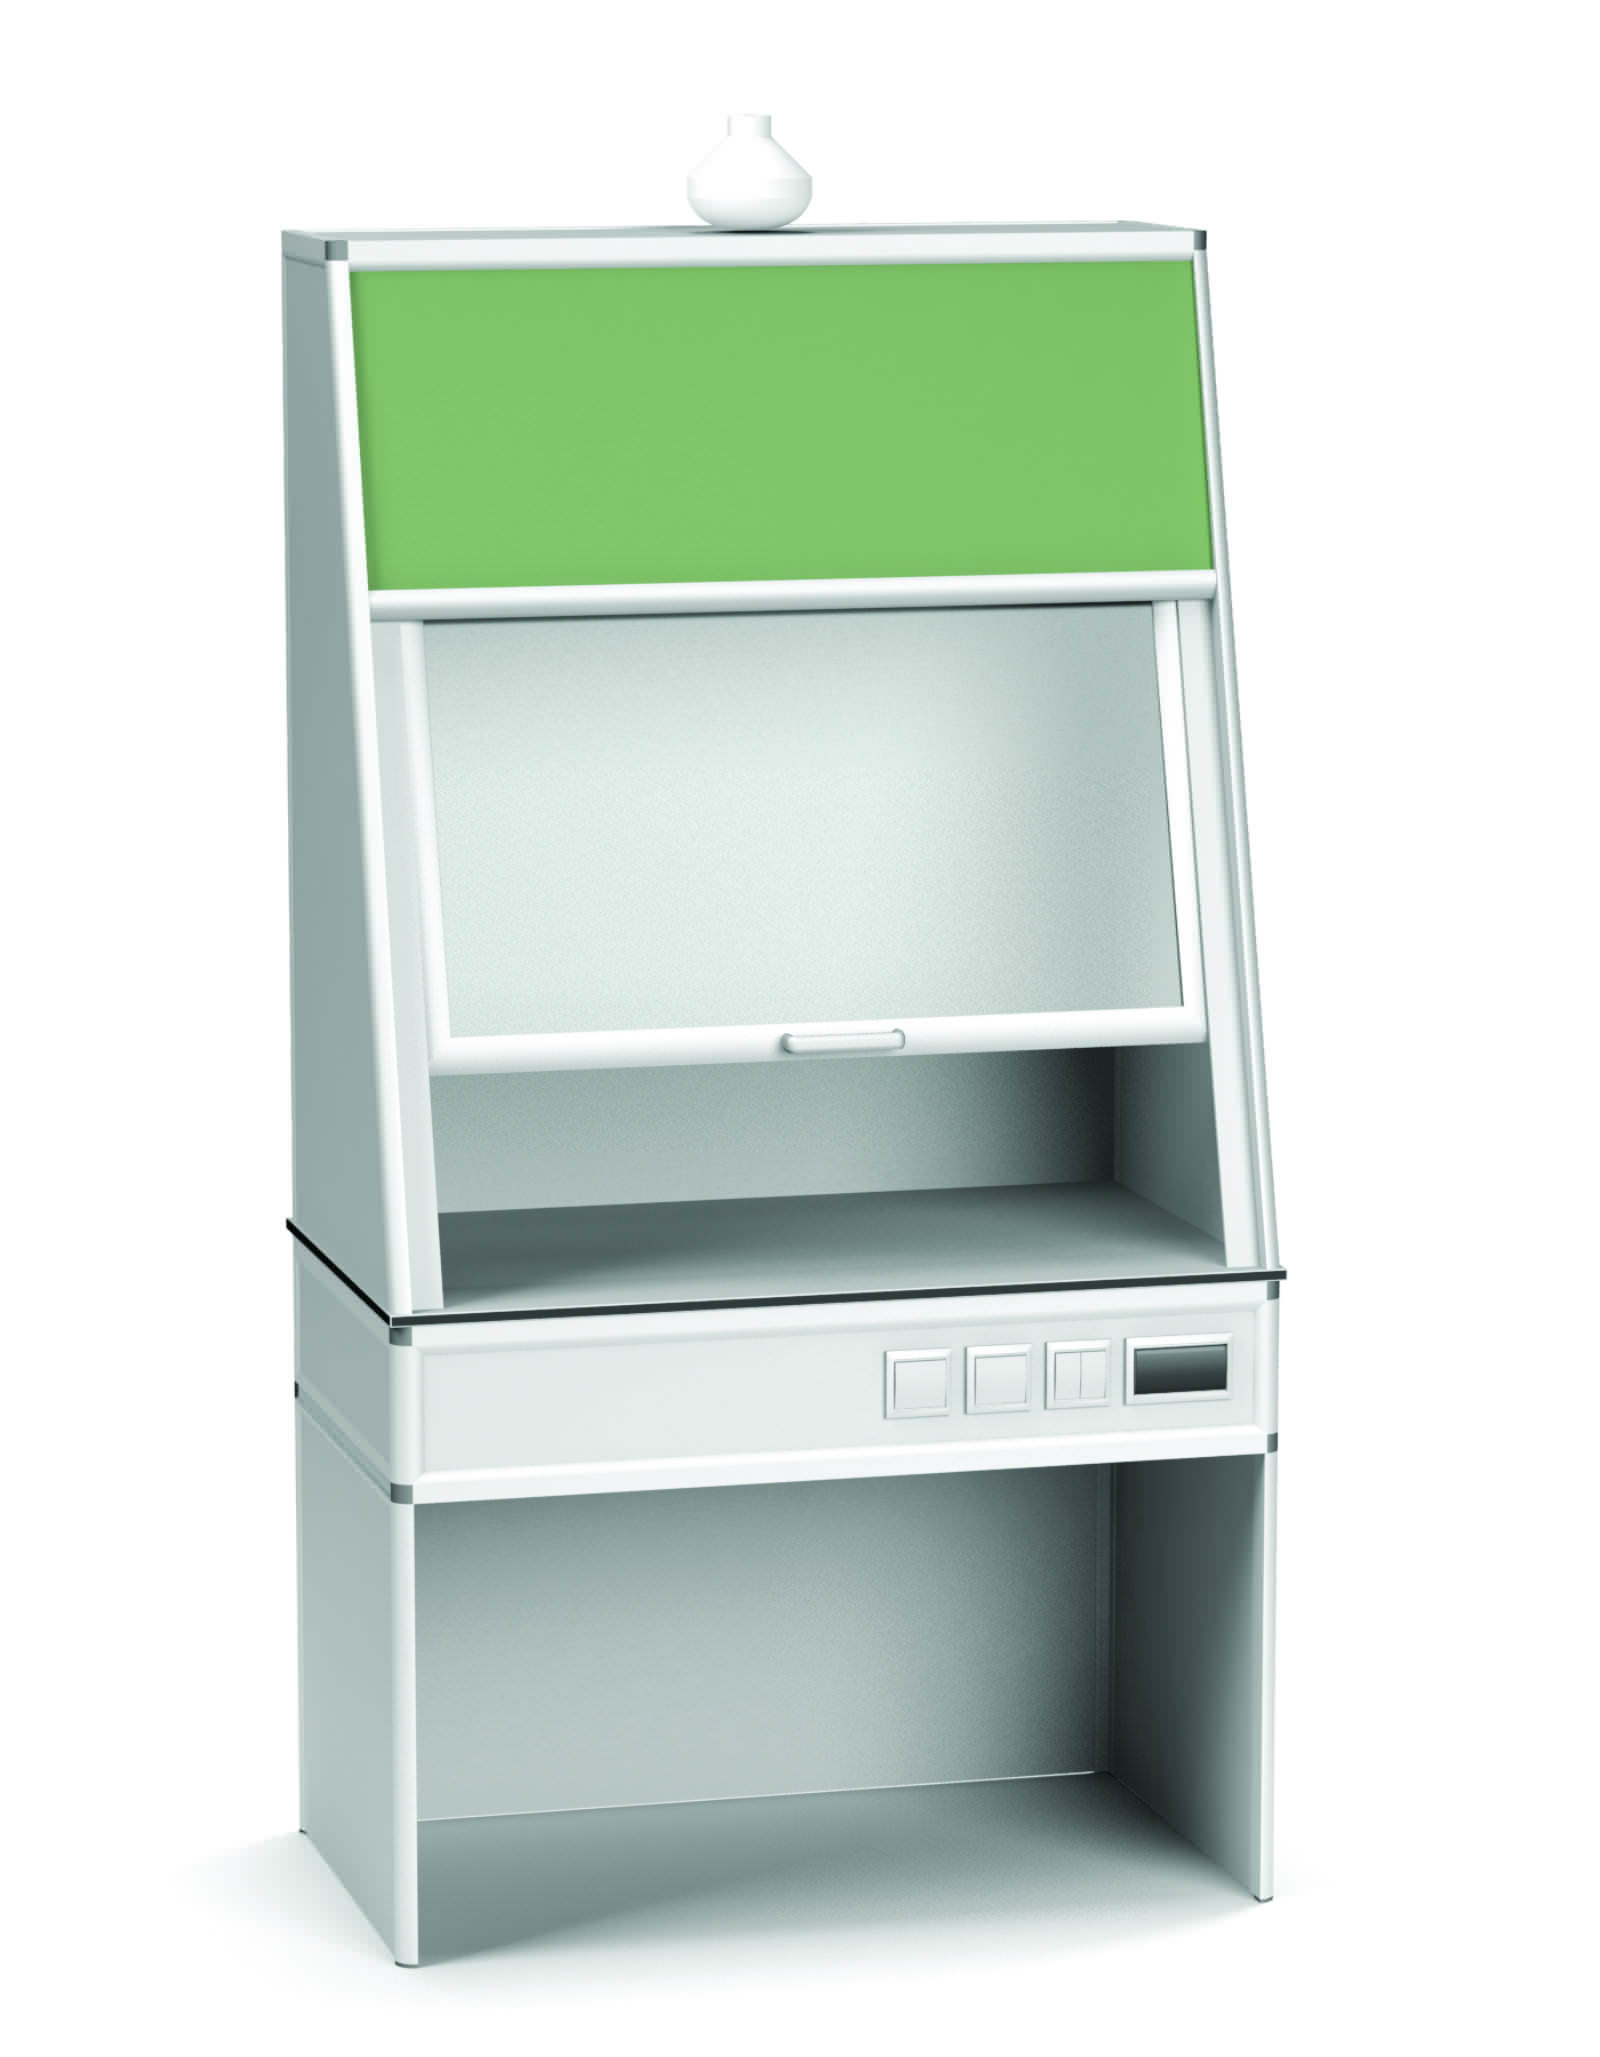 Вытяжной шкаф ДМ-1-004-08